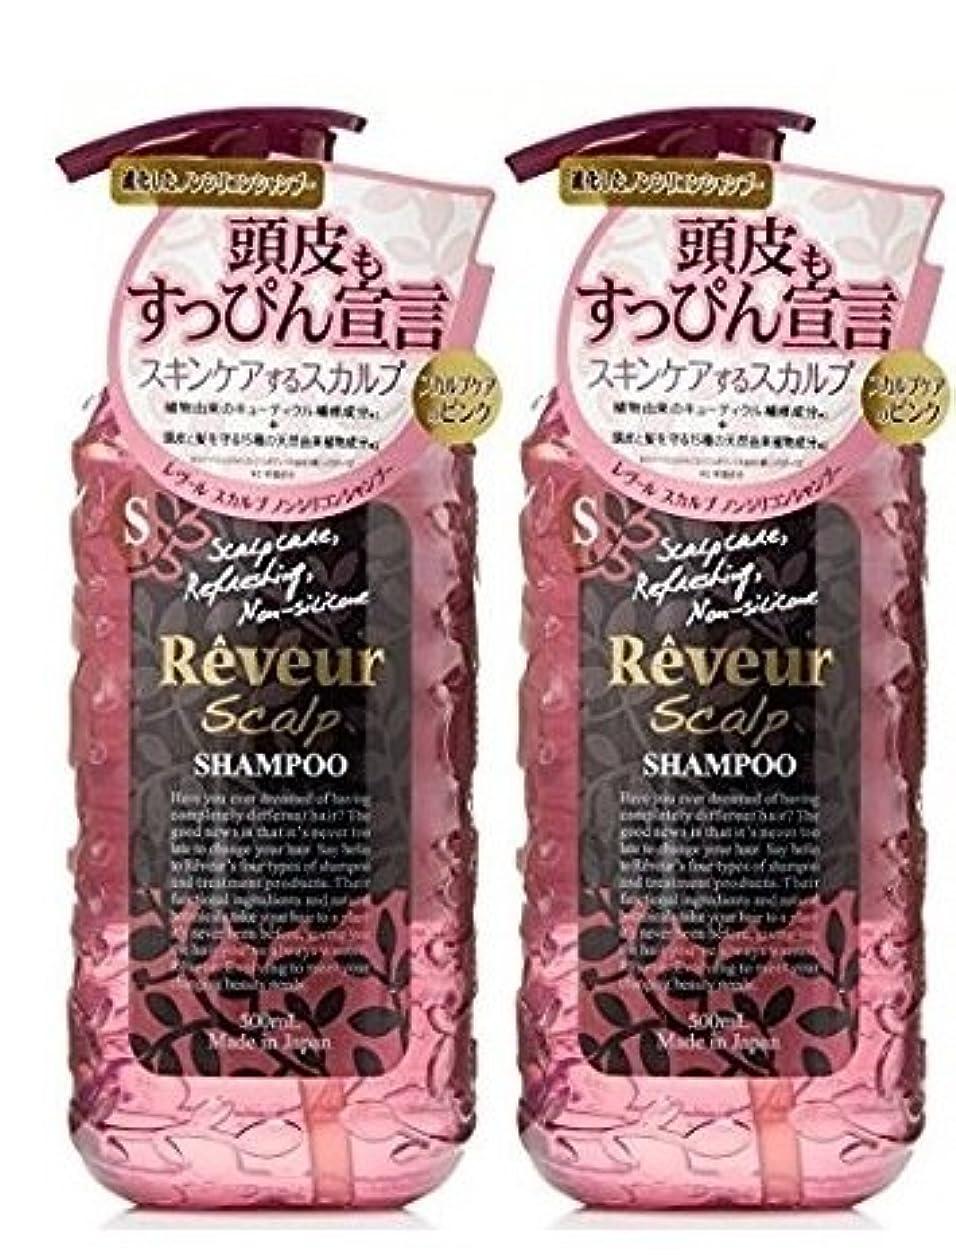 【まとめ買い×2】 Reveur(レヴール) スカルプ シャンプー 500ml x 2本セット